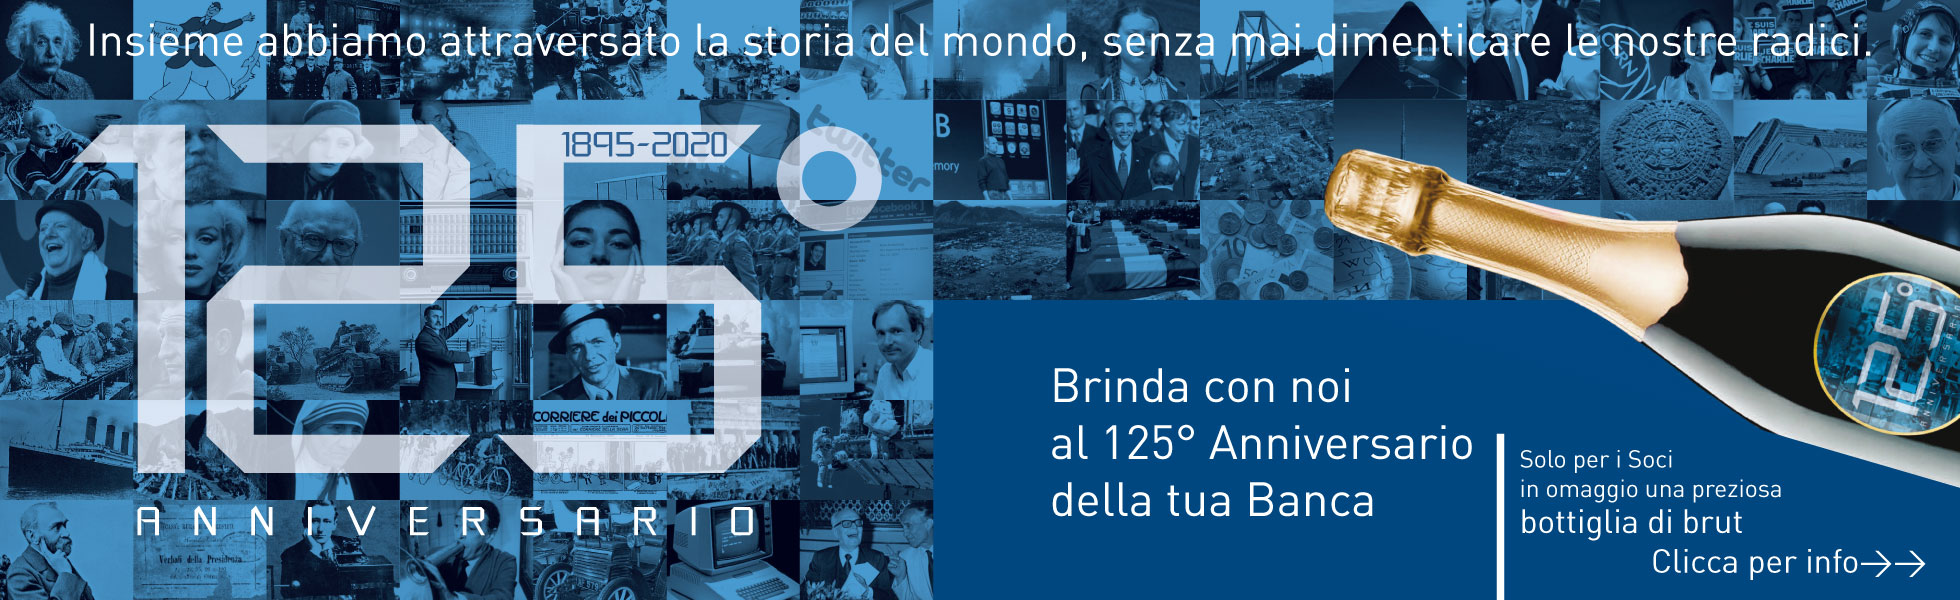 Banner 125 anniversario mobile